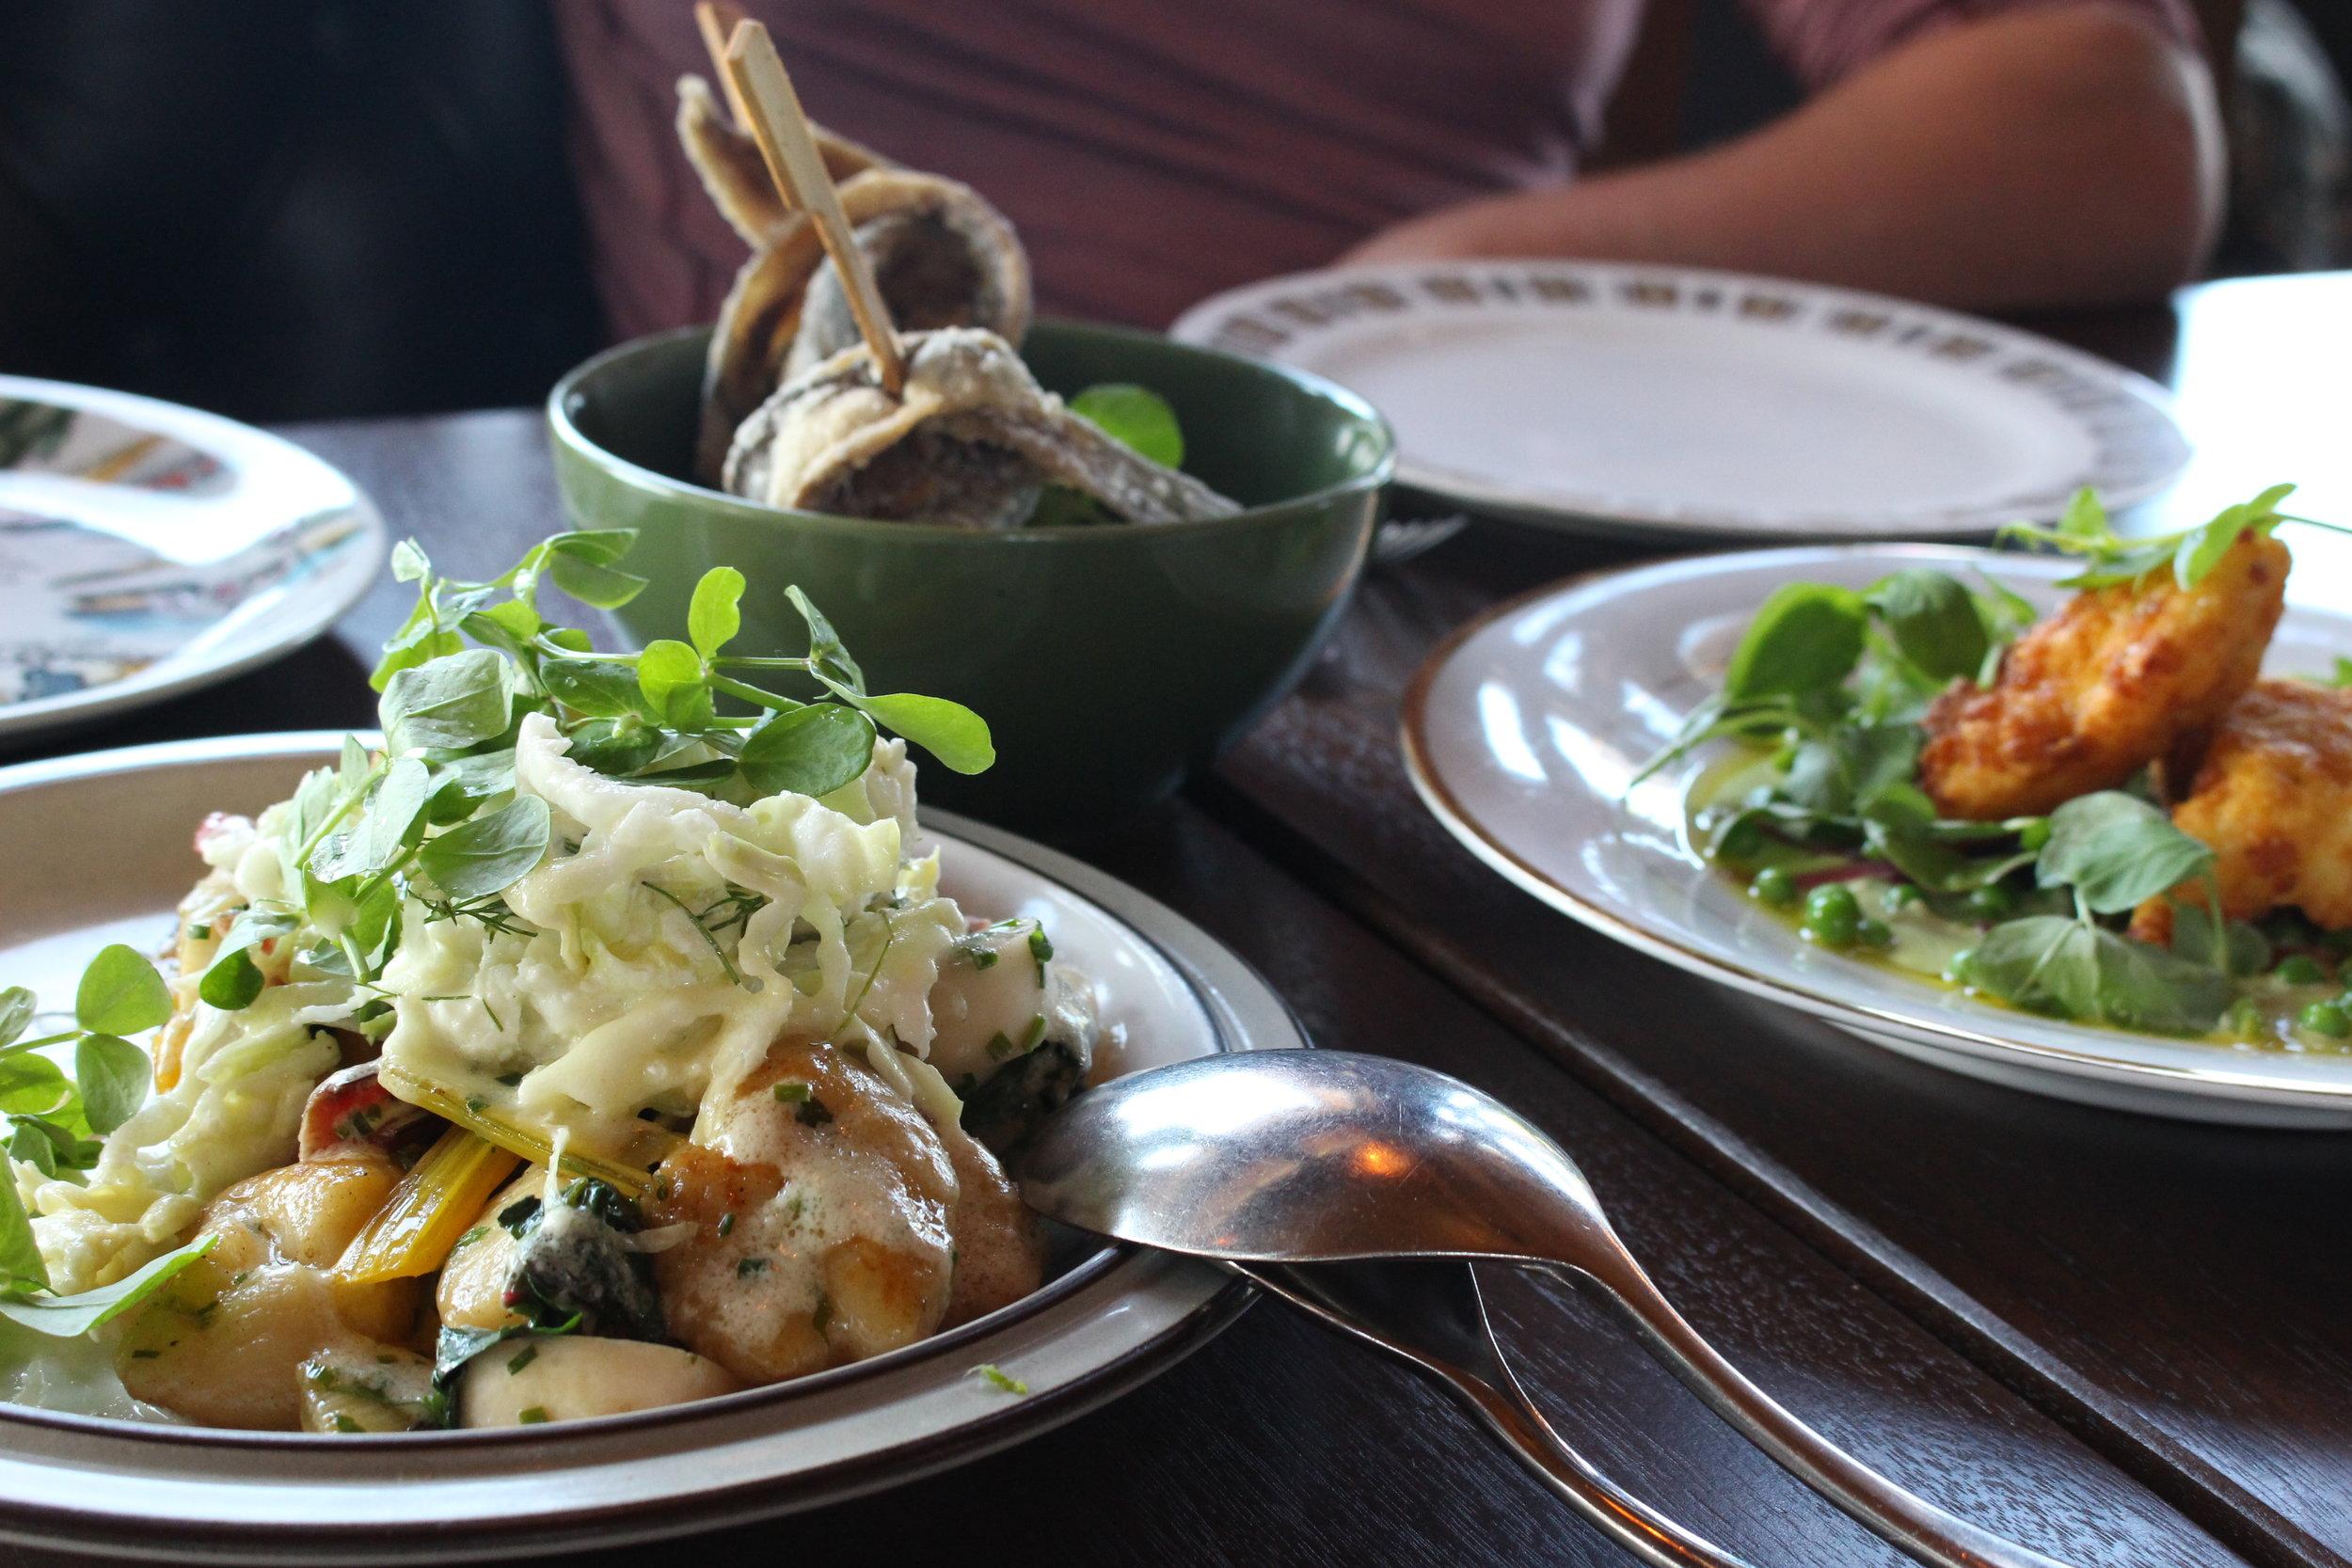 Fried BC Herring, Green Soul, Corn Fried Cod Cheeks